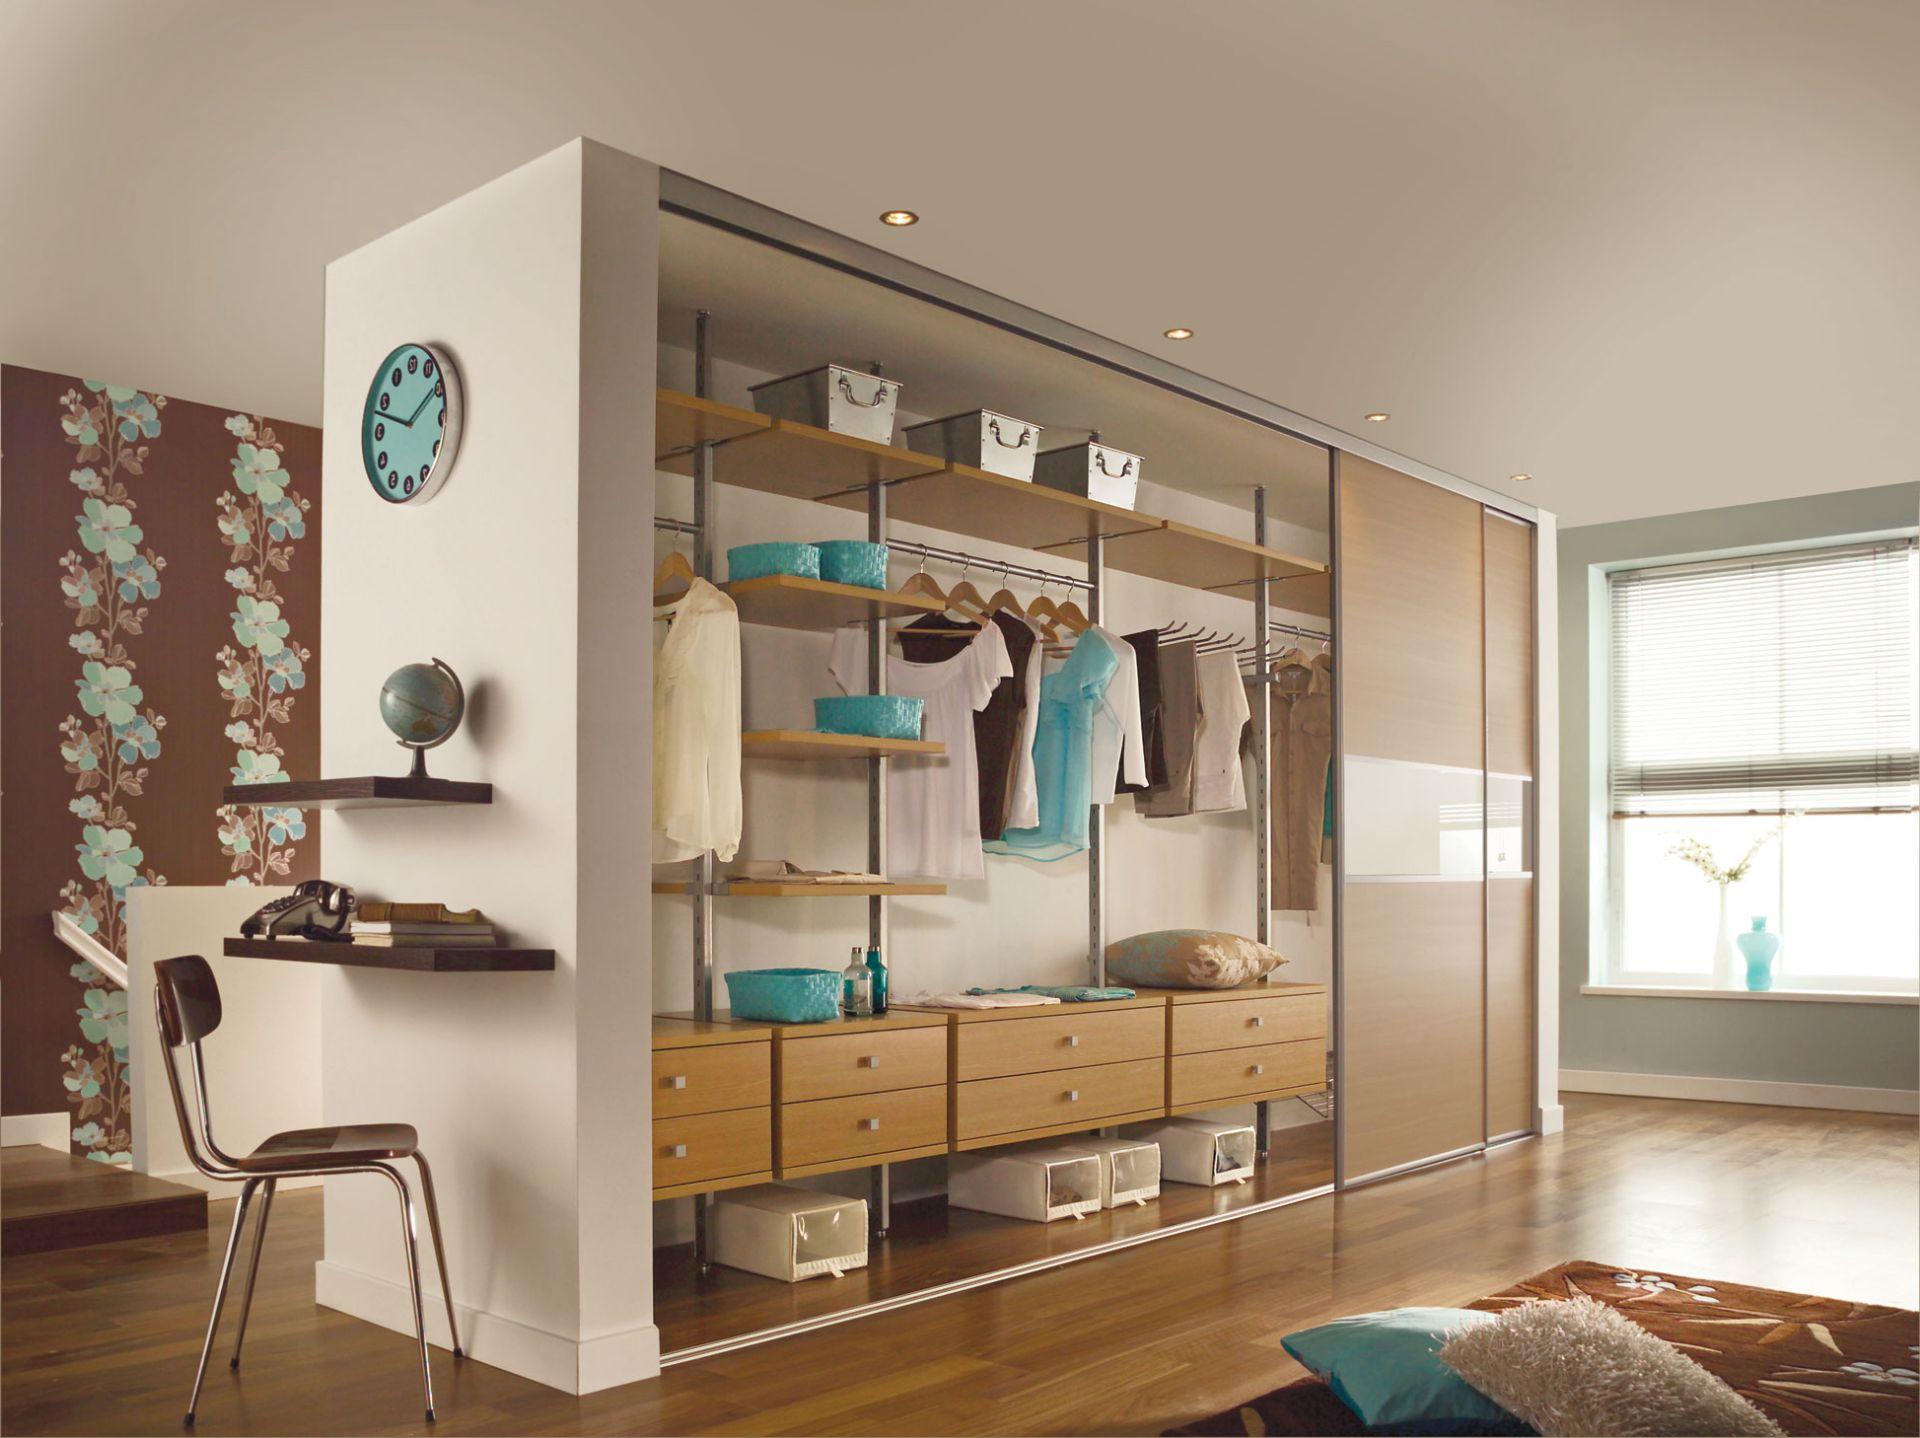 Дизайн, оборудование и виды гардеробных систем 50 фото идей .